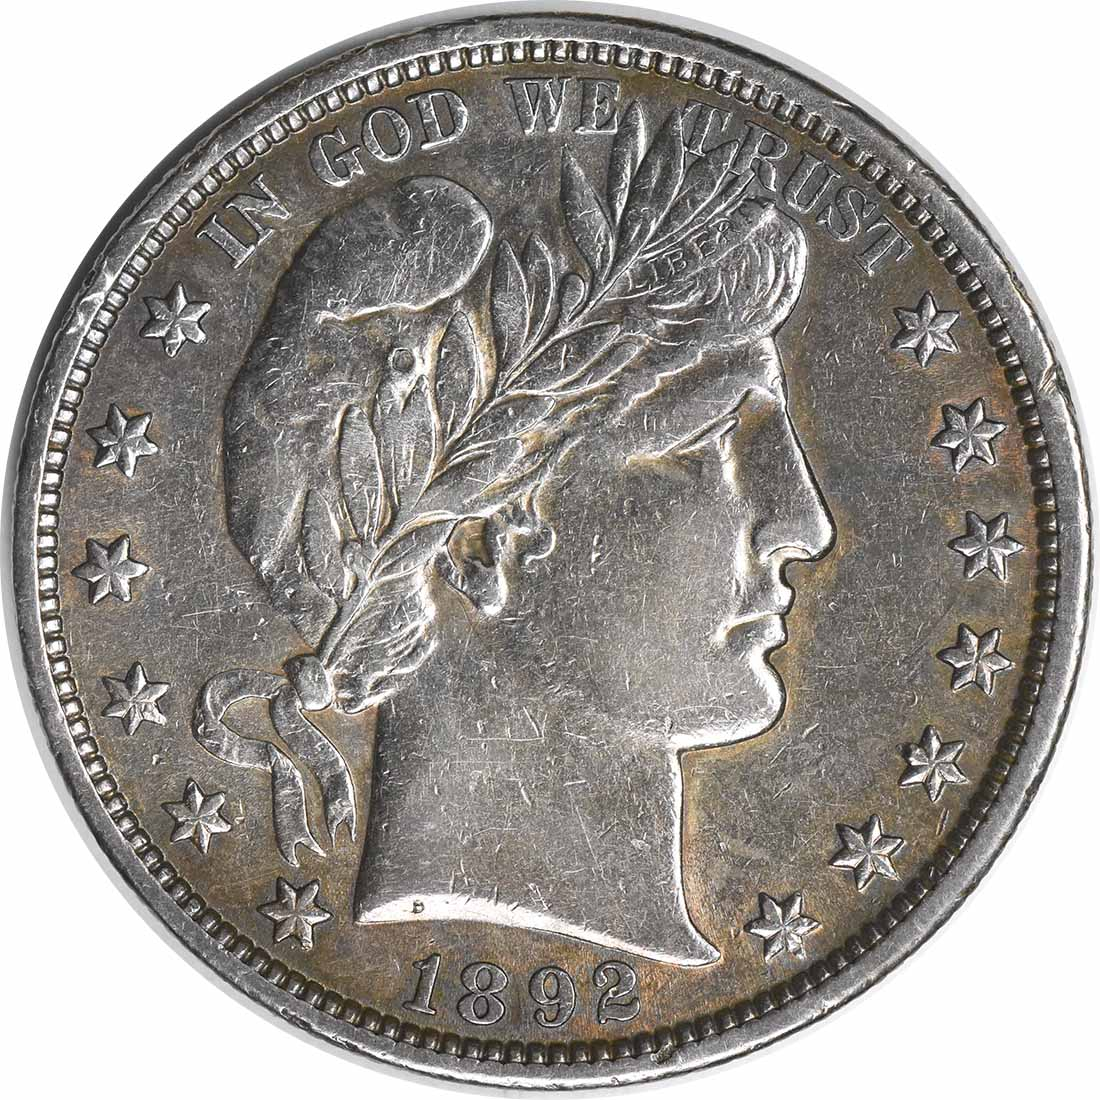 1892 Barber Silver Half Dollar DDR FS-801 EF Uncertified #1256